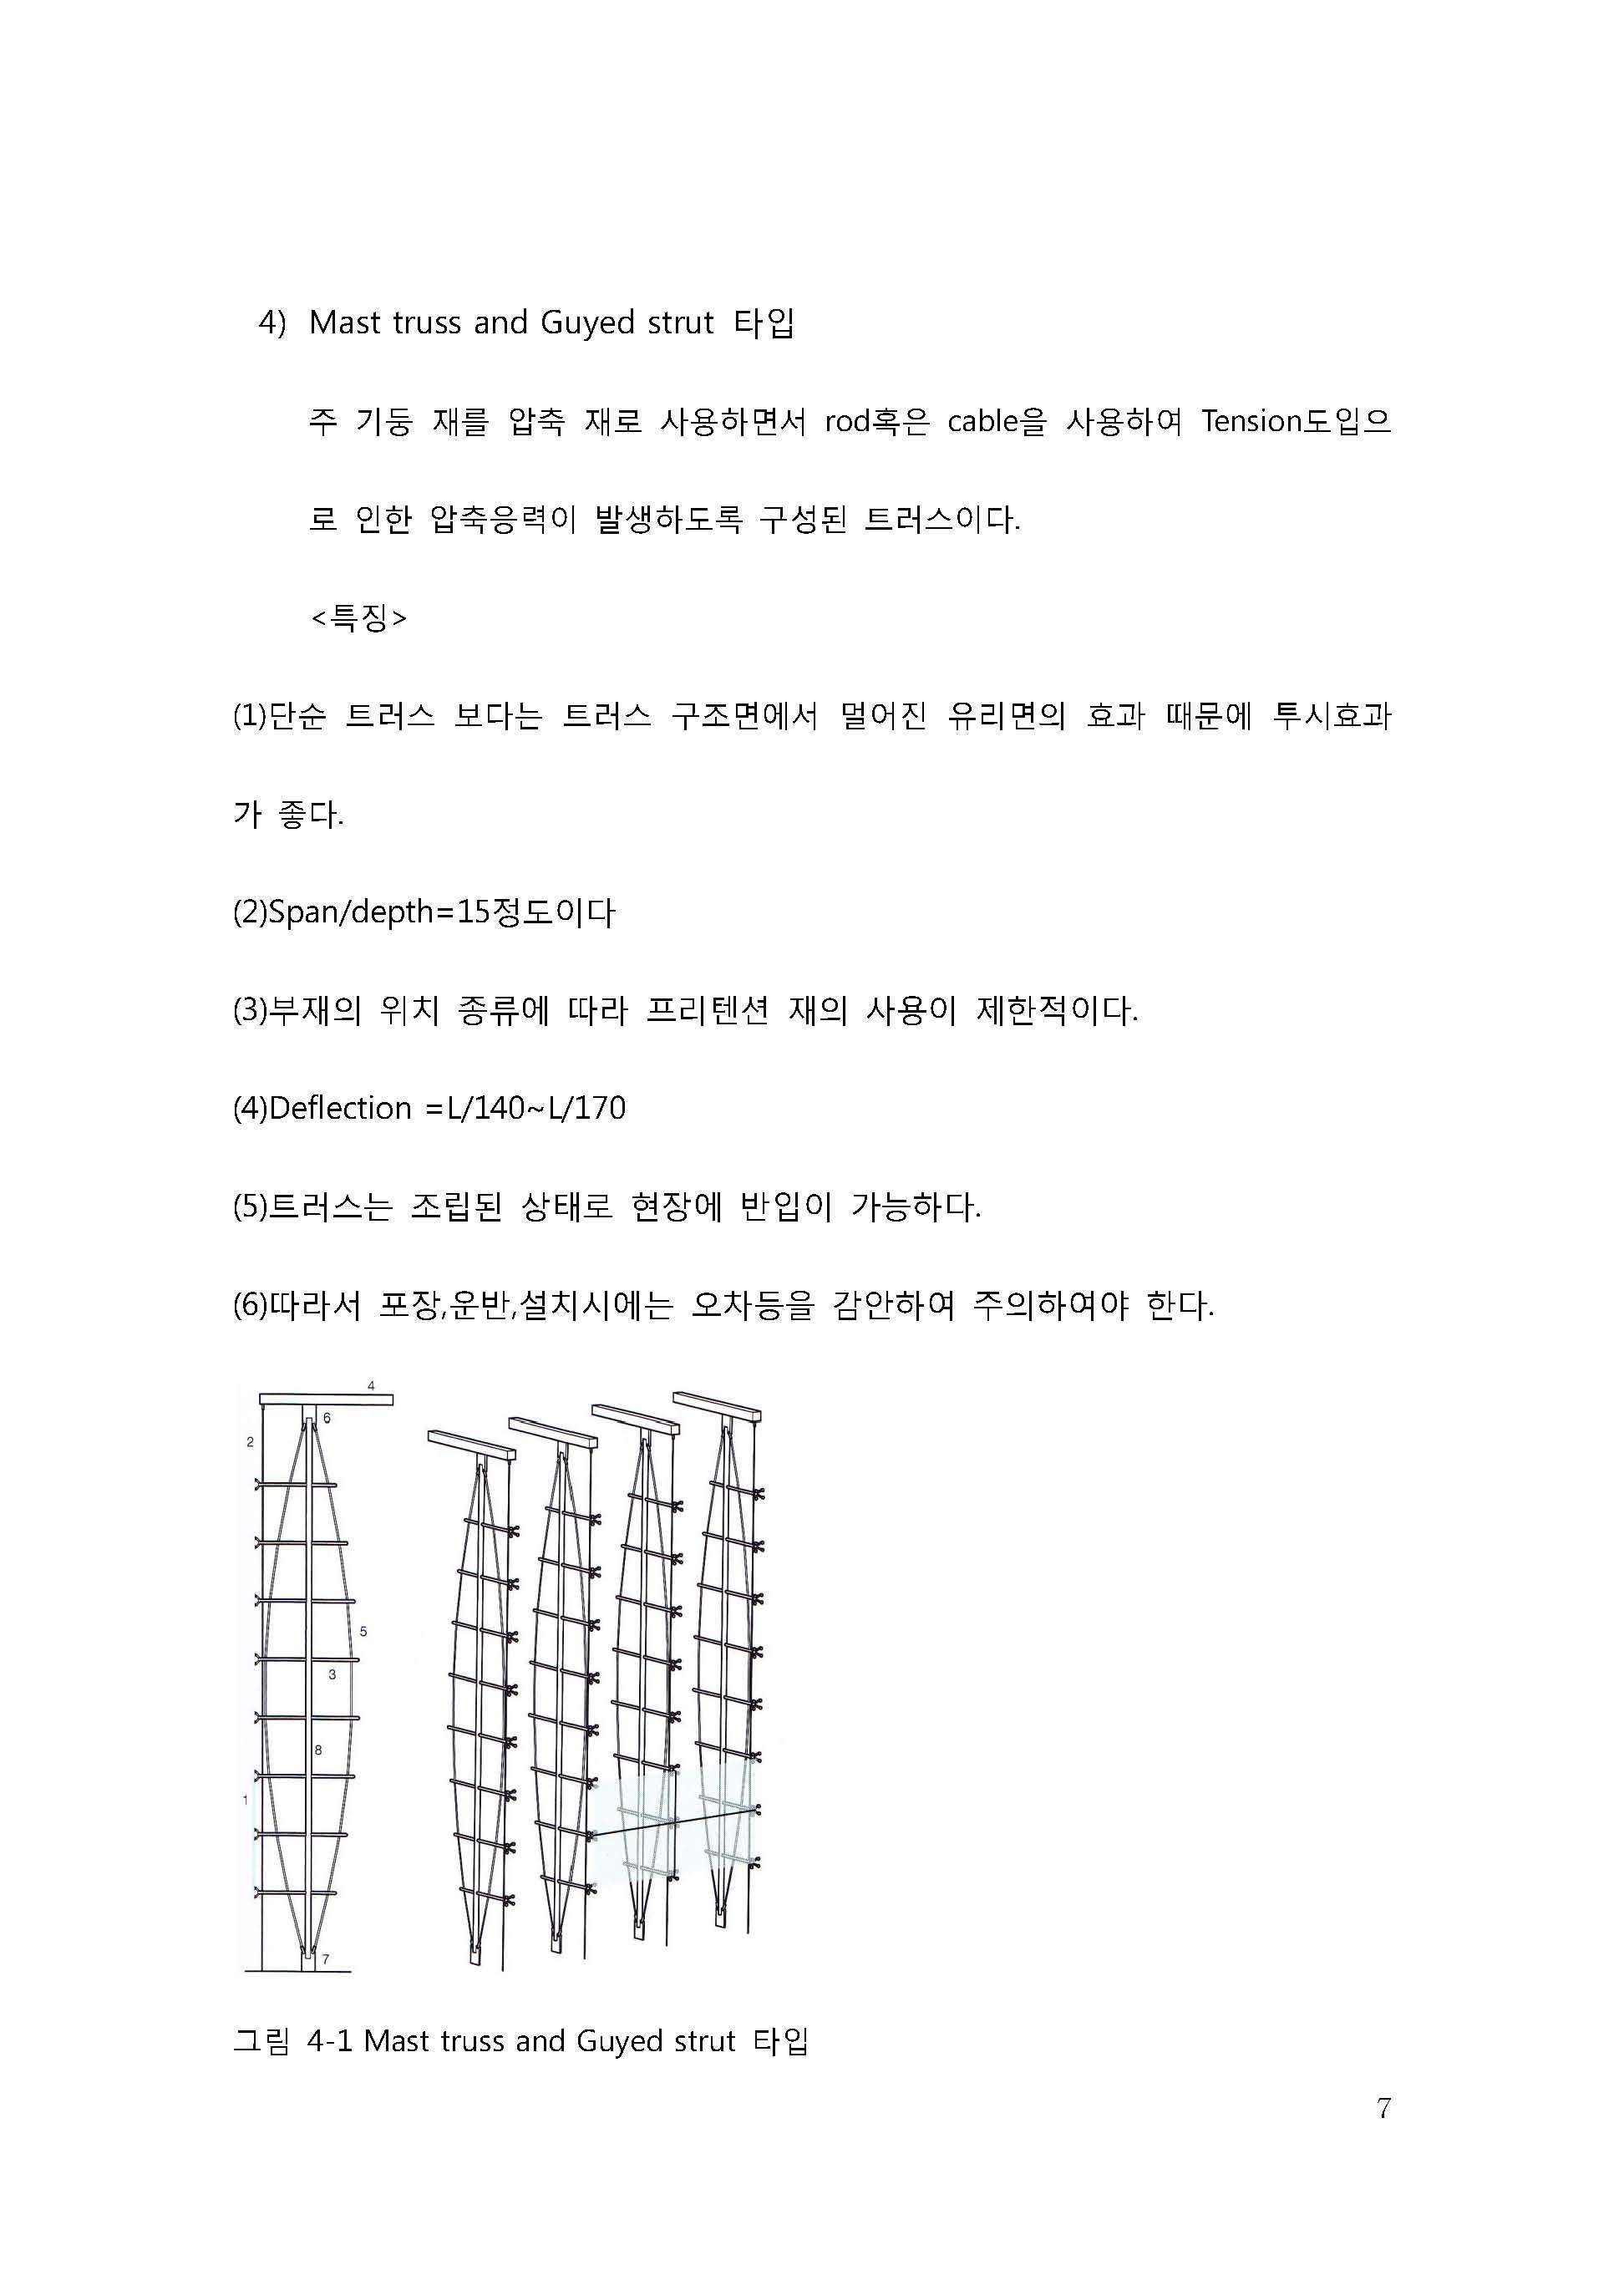 구조용 유리의 분류_페이지_07.jpg